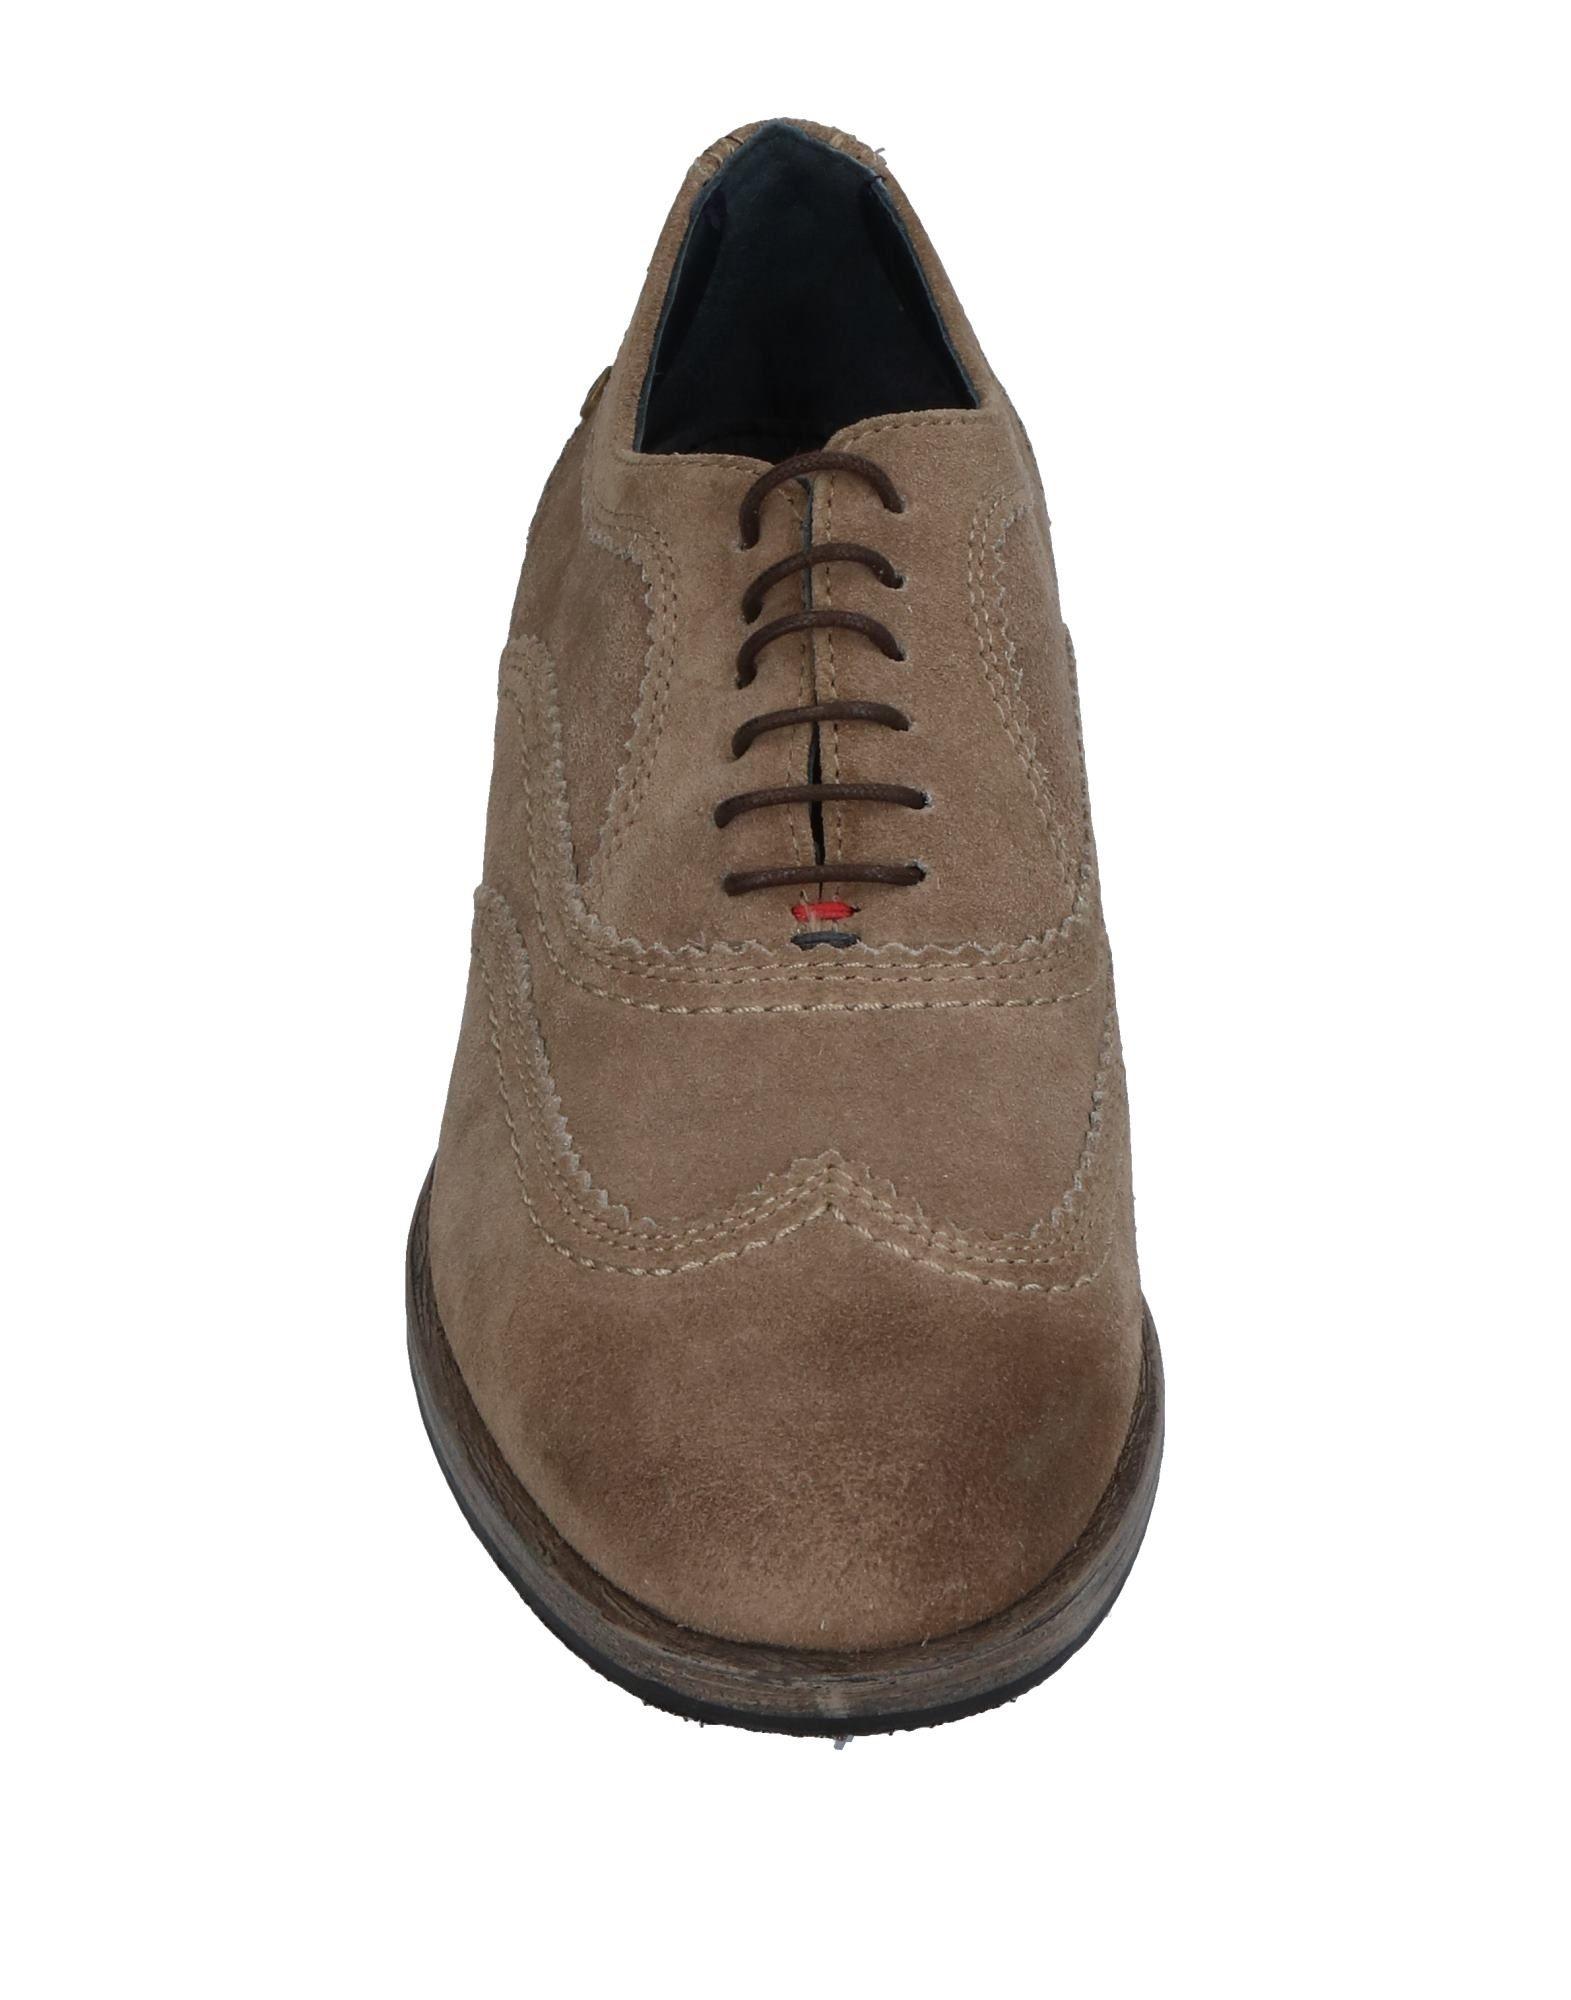 Tommy Hilfiger Schnürschuhe Damen  11385266VN Gute Qualität beliebte Schuhe